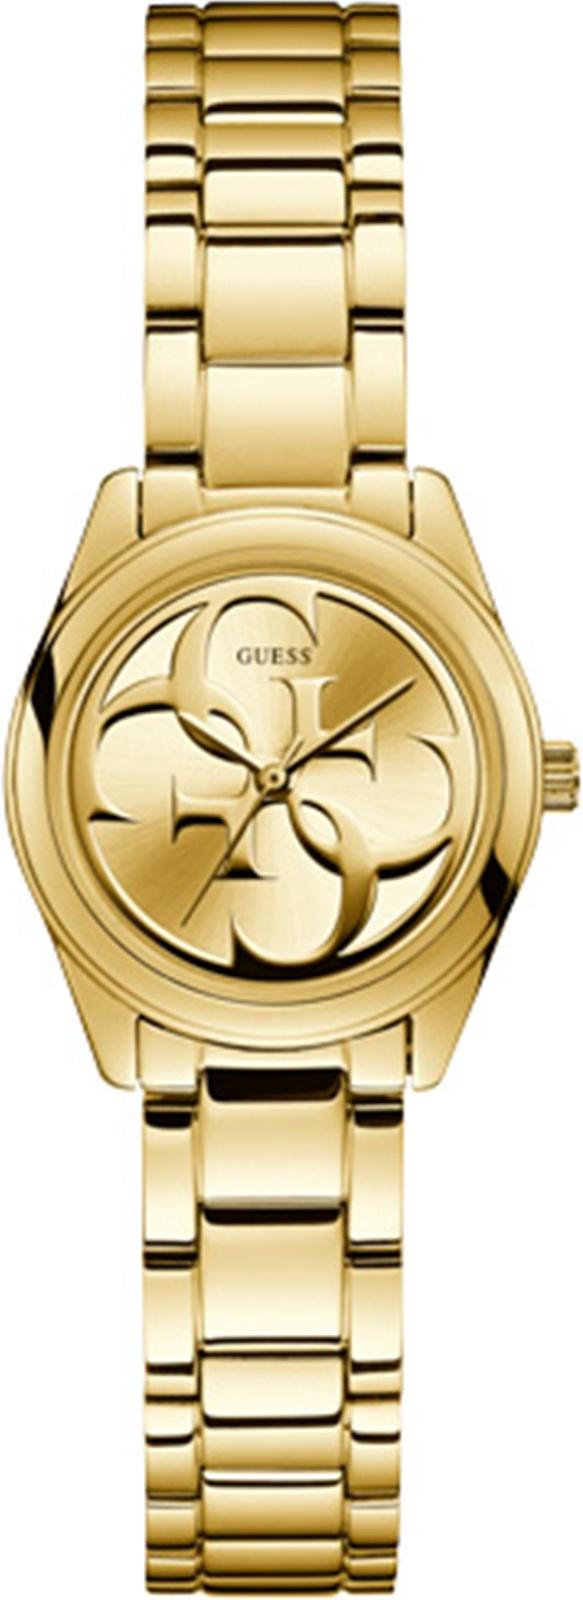 Наручные часы Guess MICRO G TWIST цена